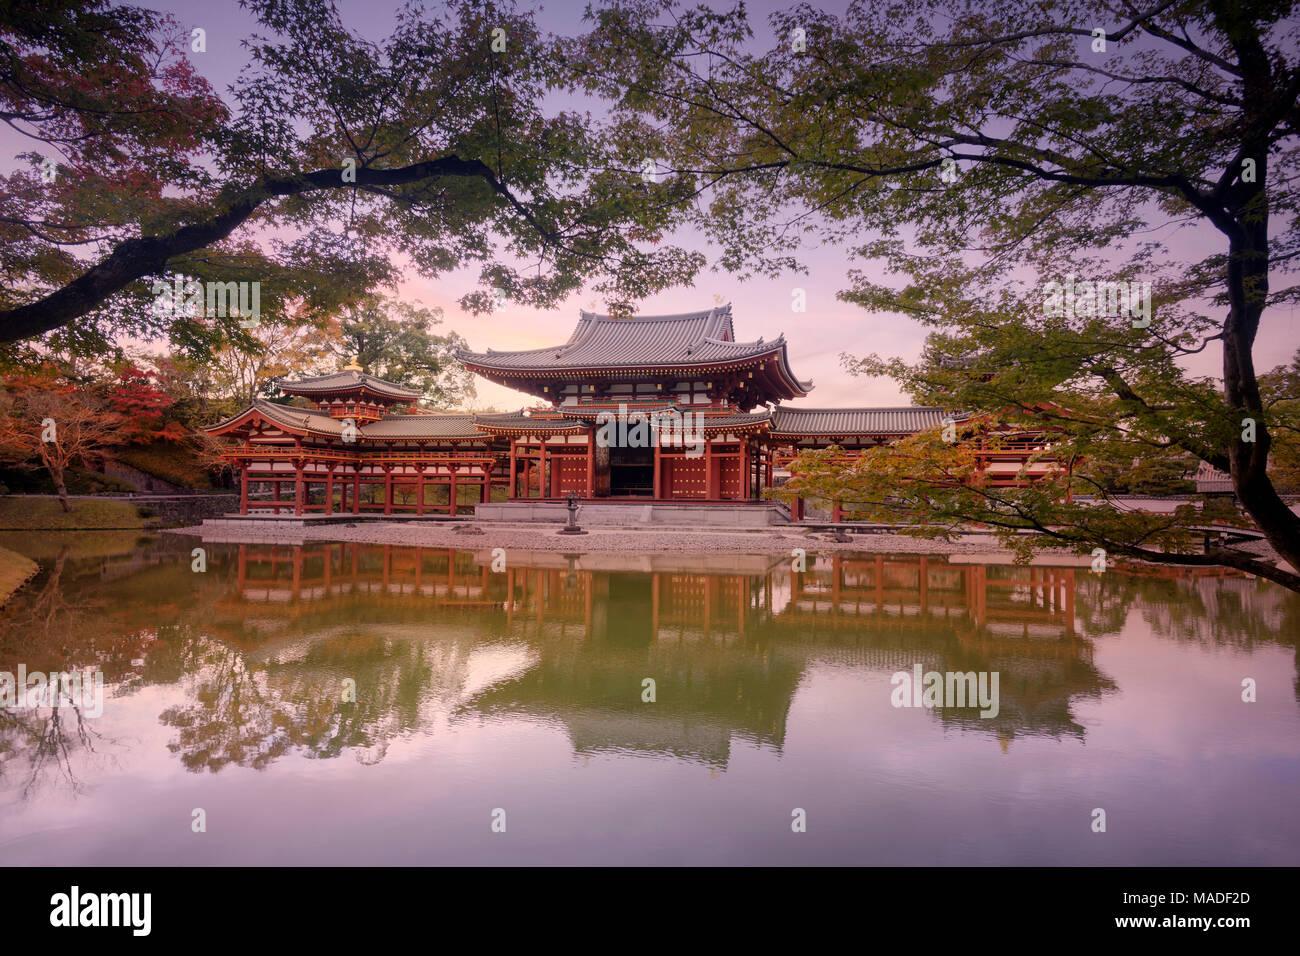 Phoenix Halle, Hoodo oder Amida Hall, der byodo-in, Jodo-shiki Garten mit einem Teich in einer schönen surreale sunrise Herbstlandschaft von japanischen Ahorn t gerahmt Stockbild